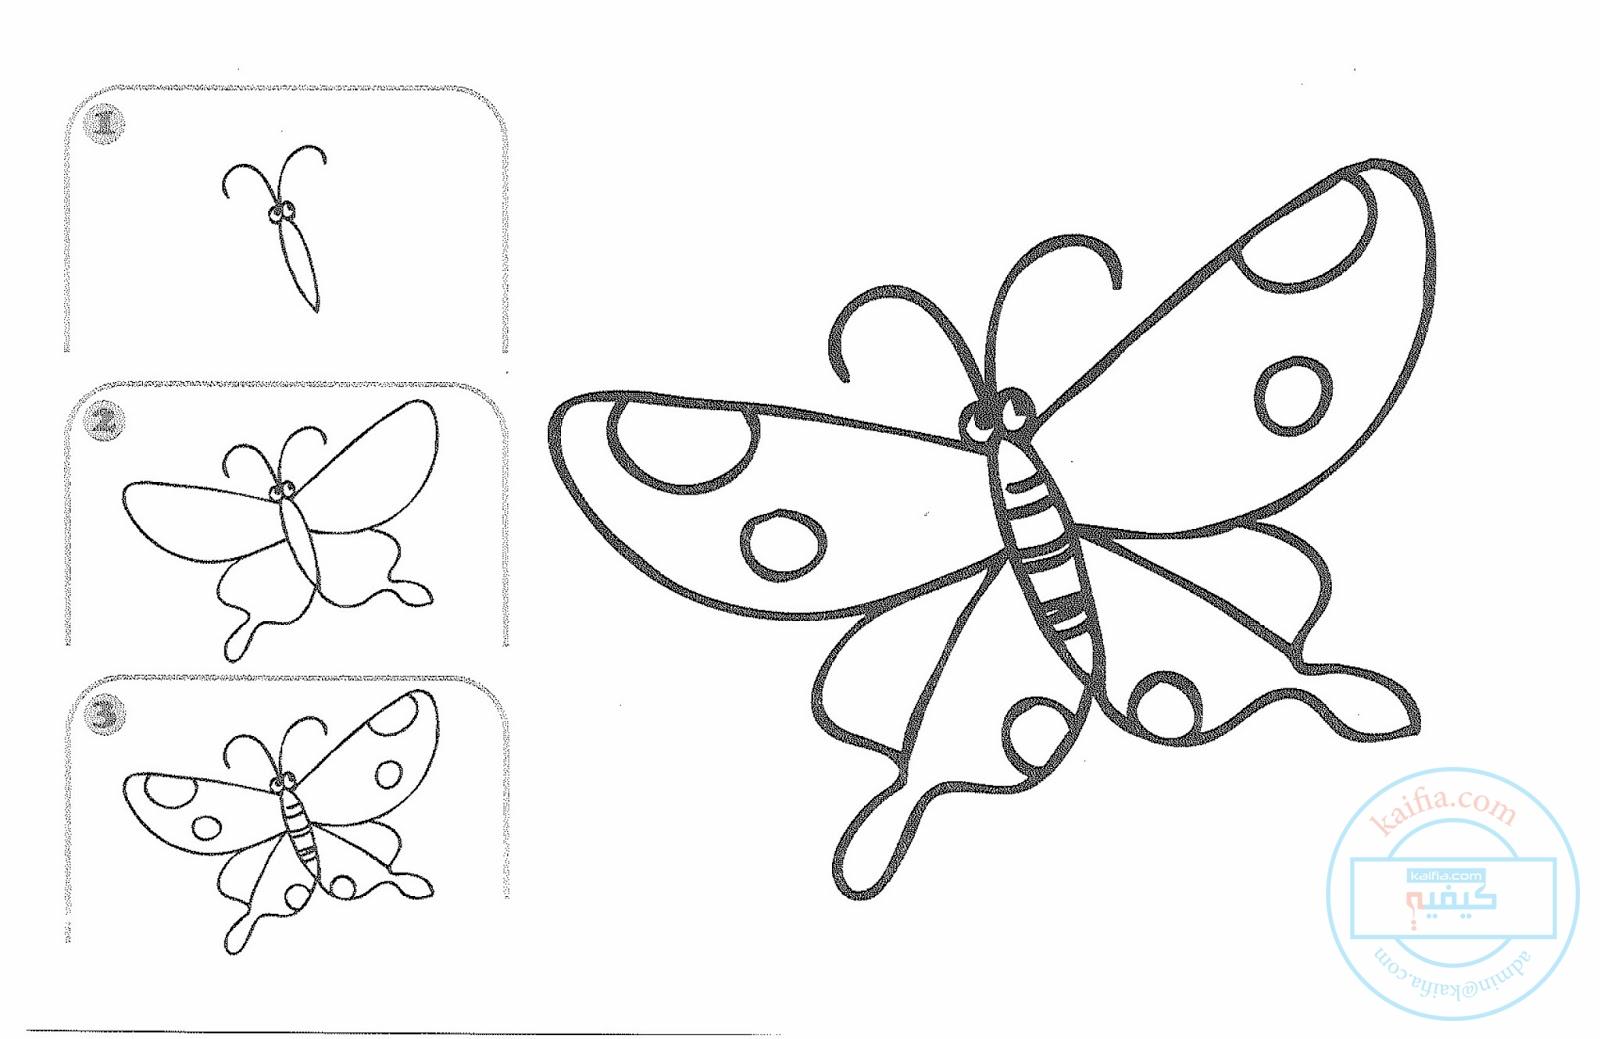 بالصور كيف تتعلم الرسم , ازاى تتعلم فن الرسم 627 2